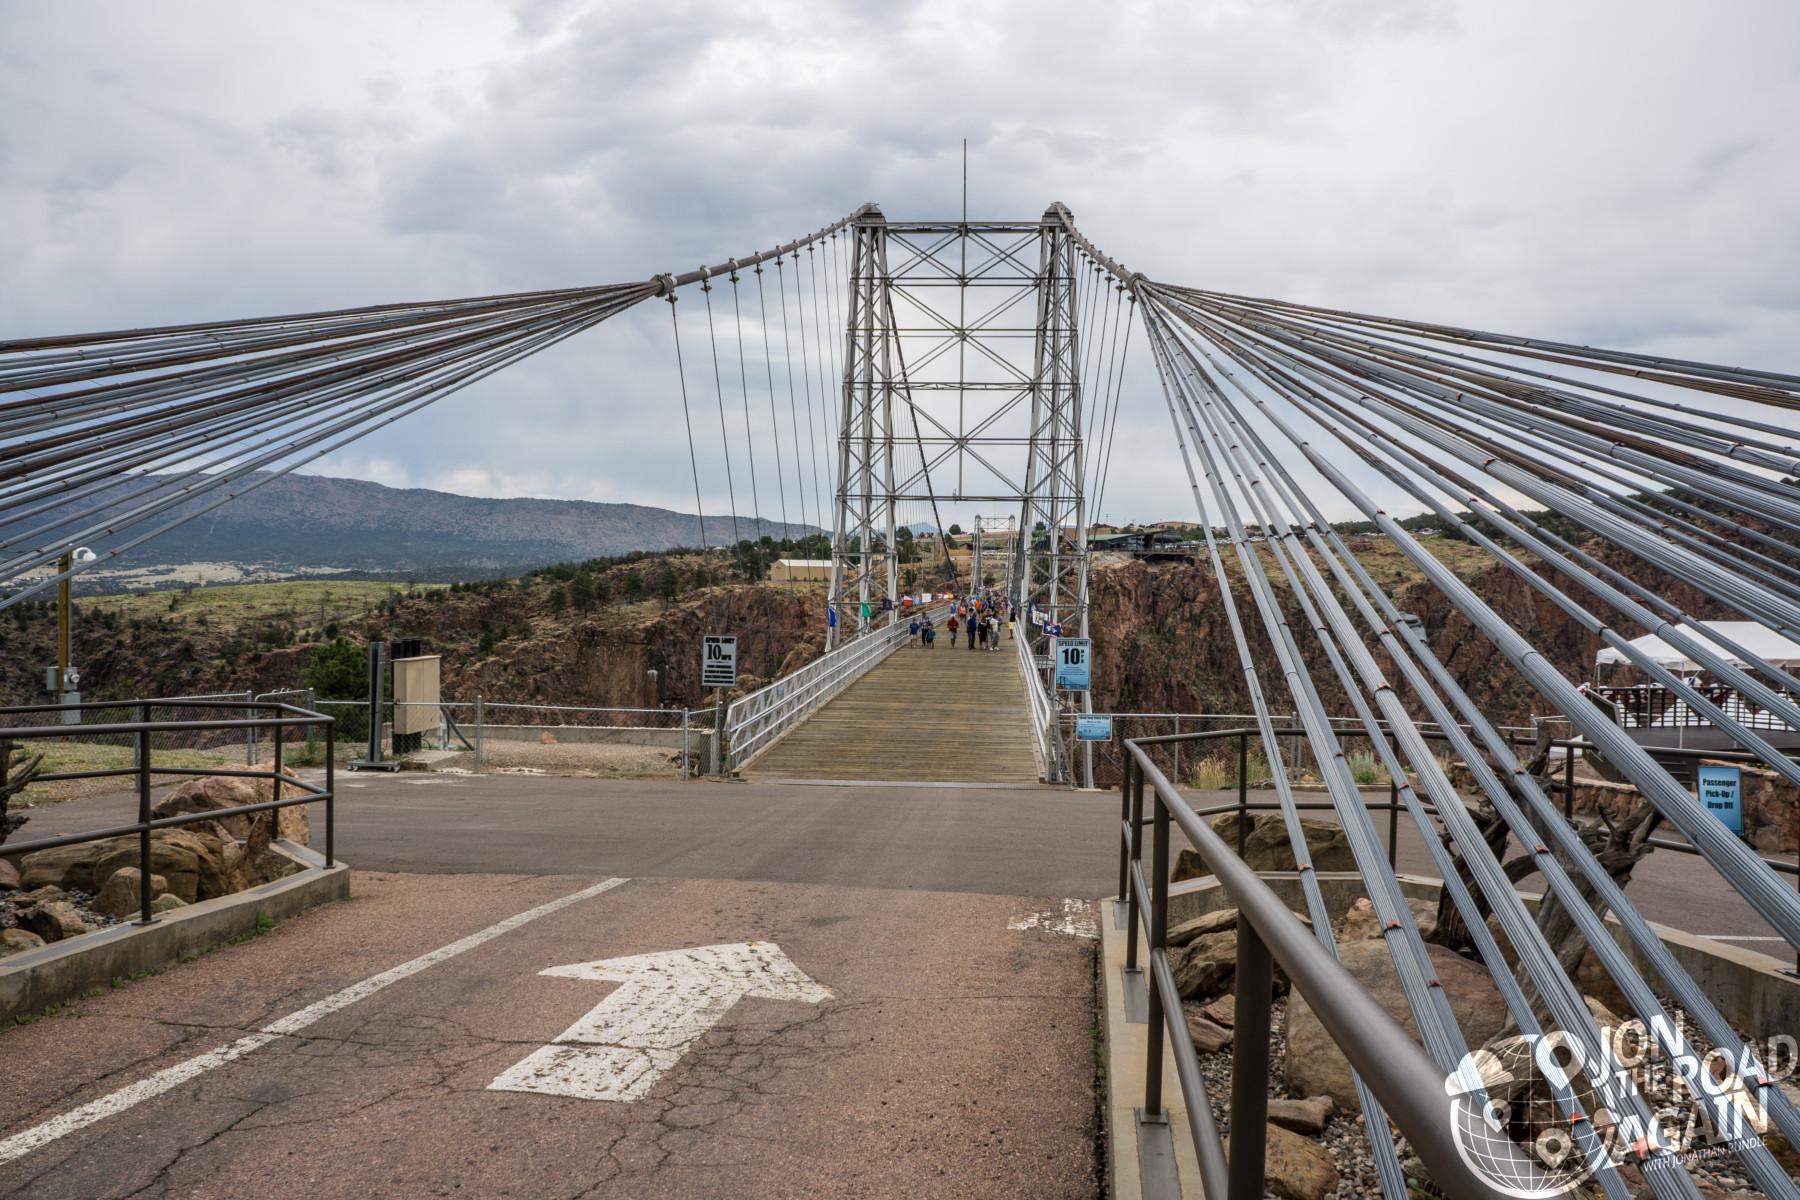 Royal Gorge Bridge Suspension Cables